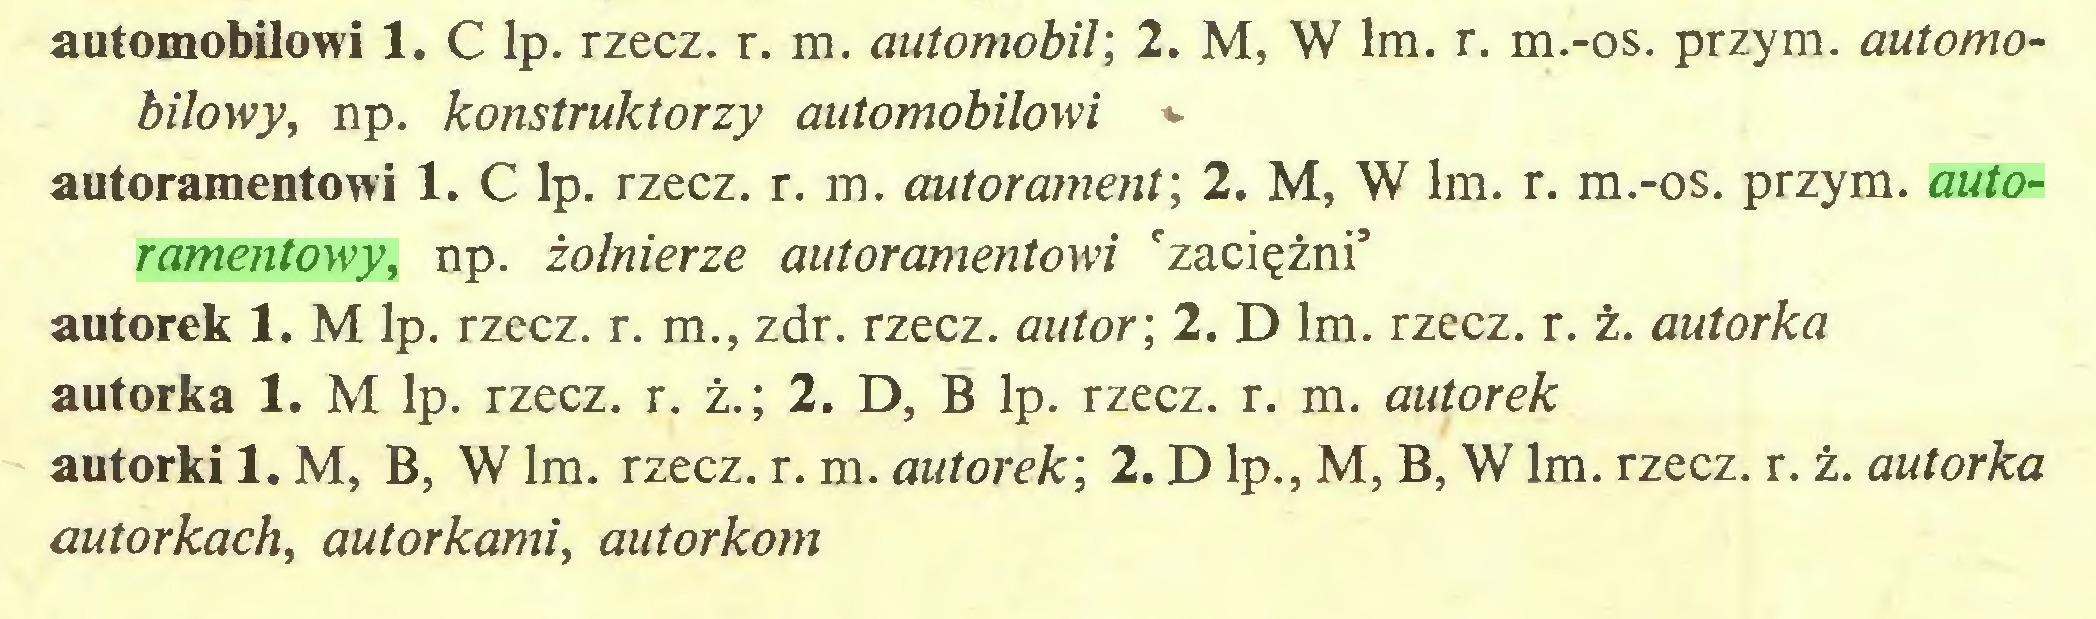 (...) automobilowi 1. C lp. rzecz. r. m. automobil; 2. M, W lm. r. m.-os. przym. automobilowy, np. konstruktorzy automobilowi v autoramentowi 1. C lp. rzecz. r. m. autorament; 2. M, W lm. r. m.-os. przym. autoramentowy, np. żołnierze autoramentowi 'zaciężni* autorek 1. M lp. rzecz. r. m., zdr. rzecz, autor; 2. D lm. rzecz. r. ż. autorka autorka 1. M lp. rzecz. r. ż.; 2. D, B lp. rzecz. r. m. autorek autorki 1. M, B, W lm. rzecz. r. m. autorek; 2. D lp., M, B, W lm. rzecz. r. ż. autorka autorkach, autorkami, autorkom...